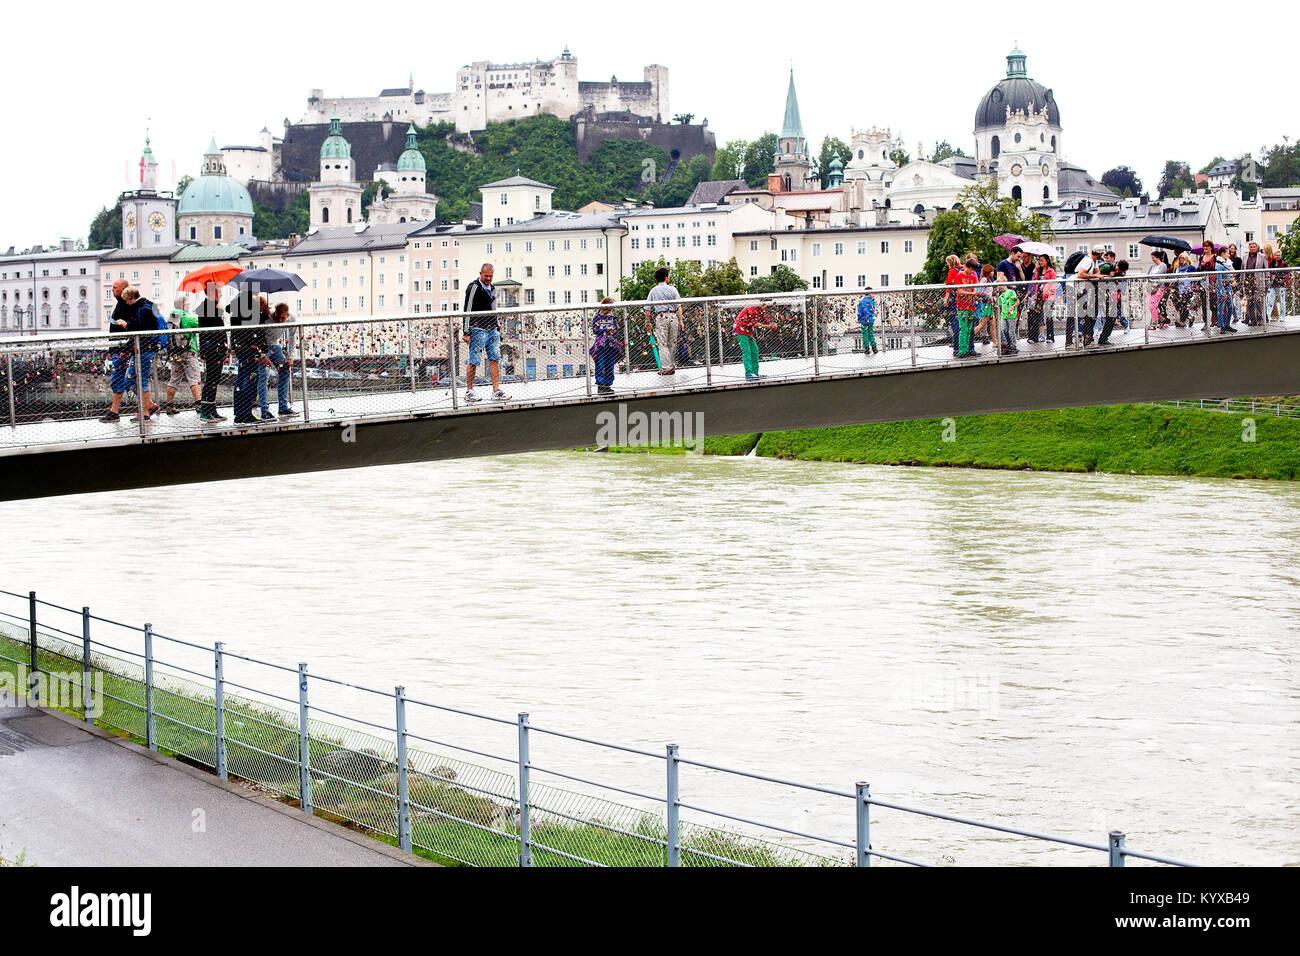 Die Festung Hohensalzburg und Makartsteg Brücke an einem regnerischen Tag in Salzburg. Stockbild